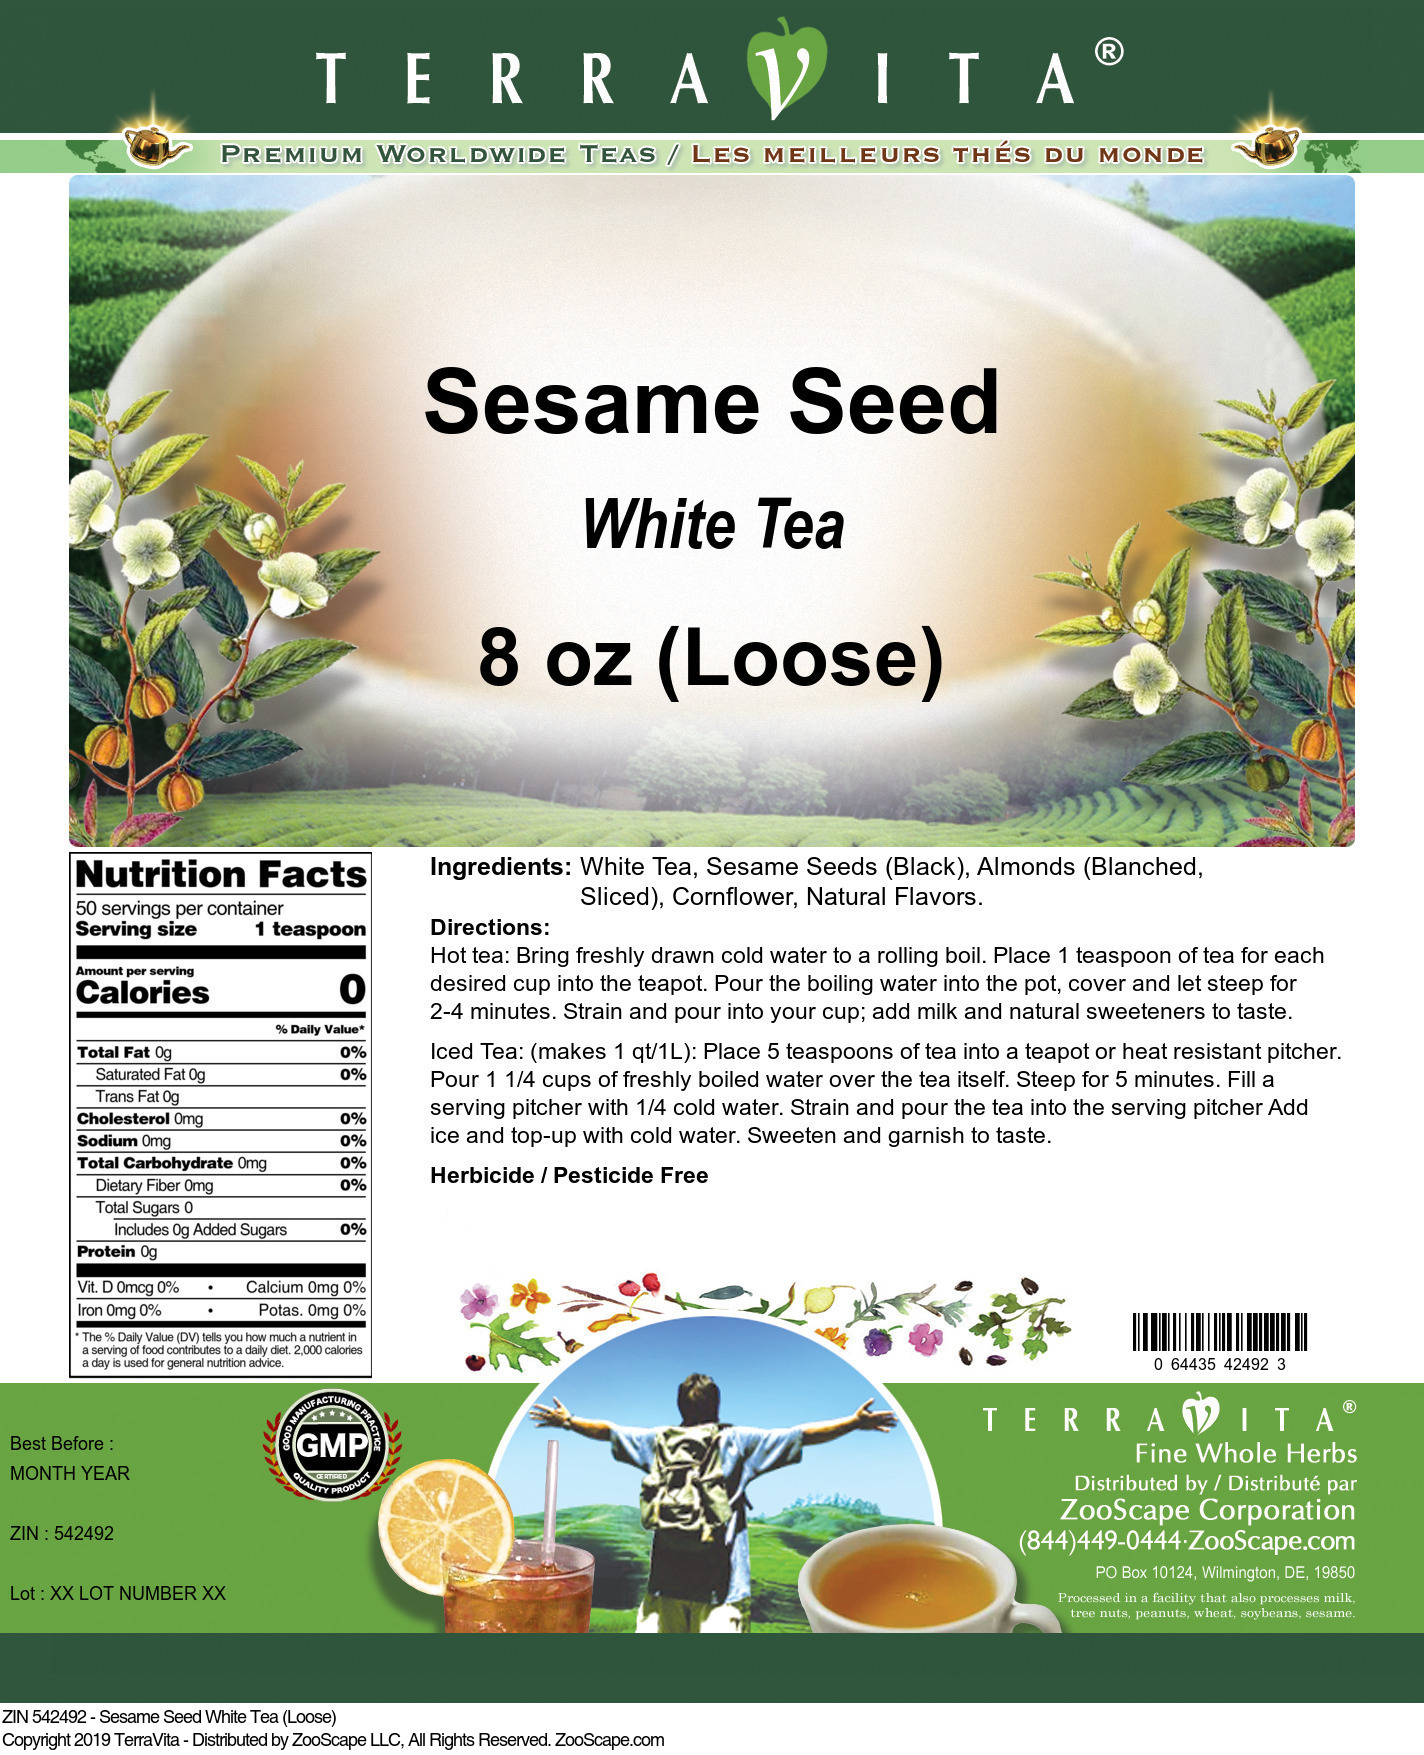 Sesame Seed White Tea